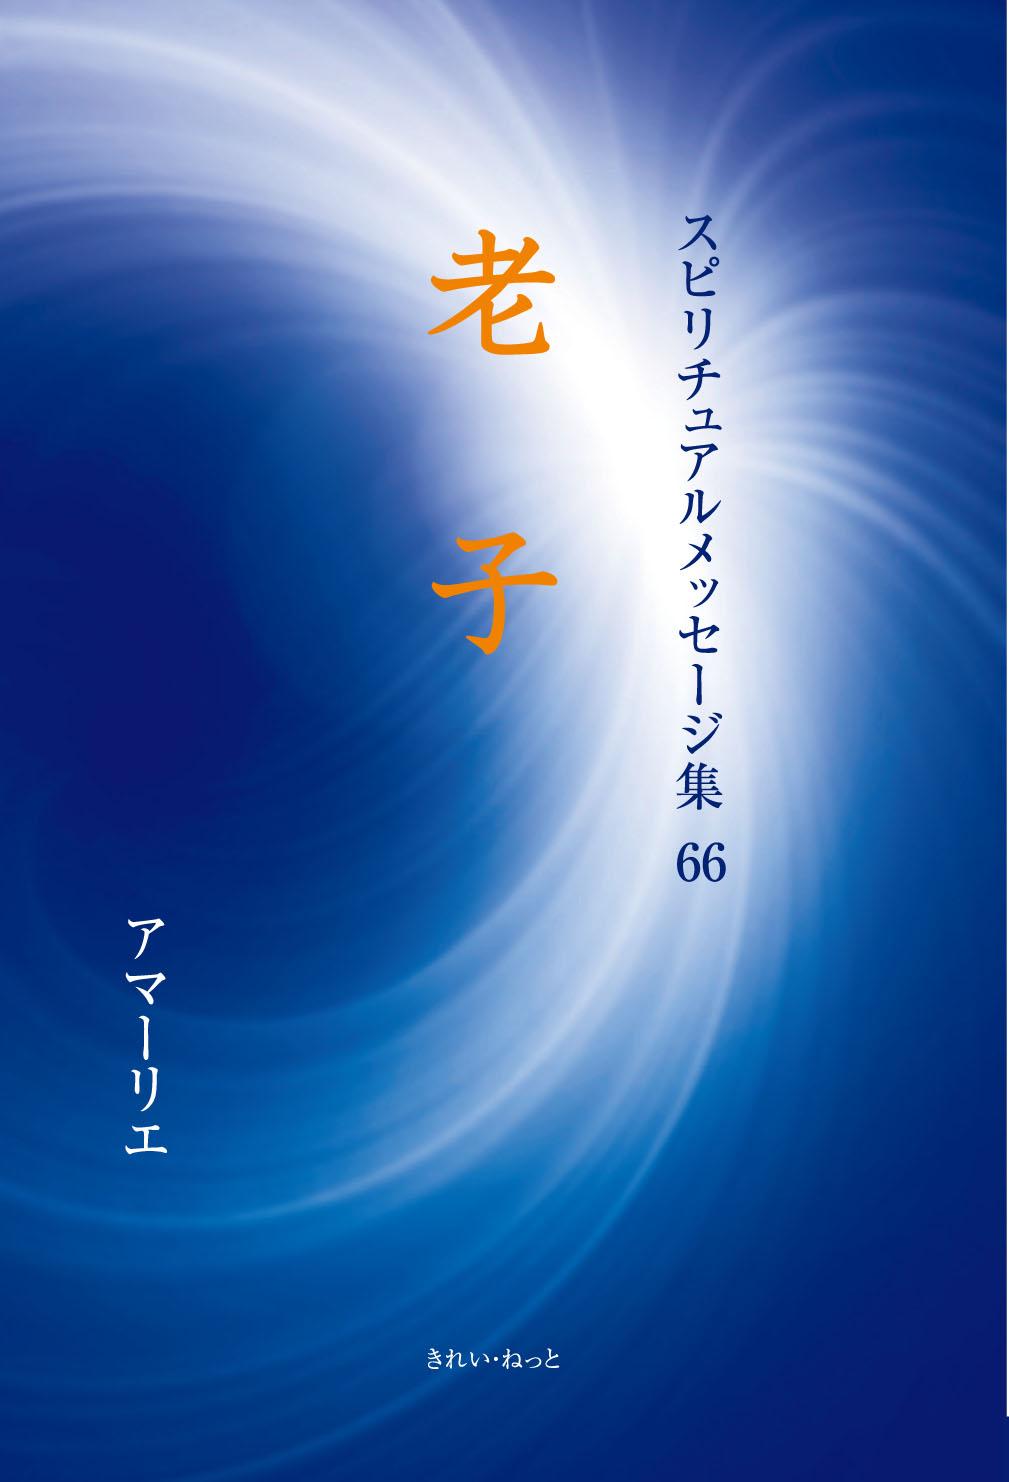 画像1: スピリチュアルメッセージ集66 老子 (1)